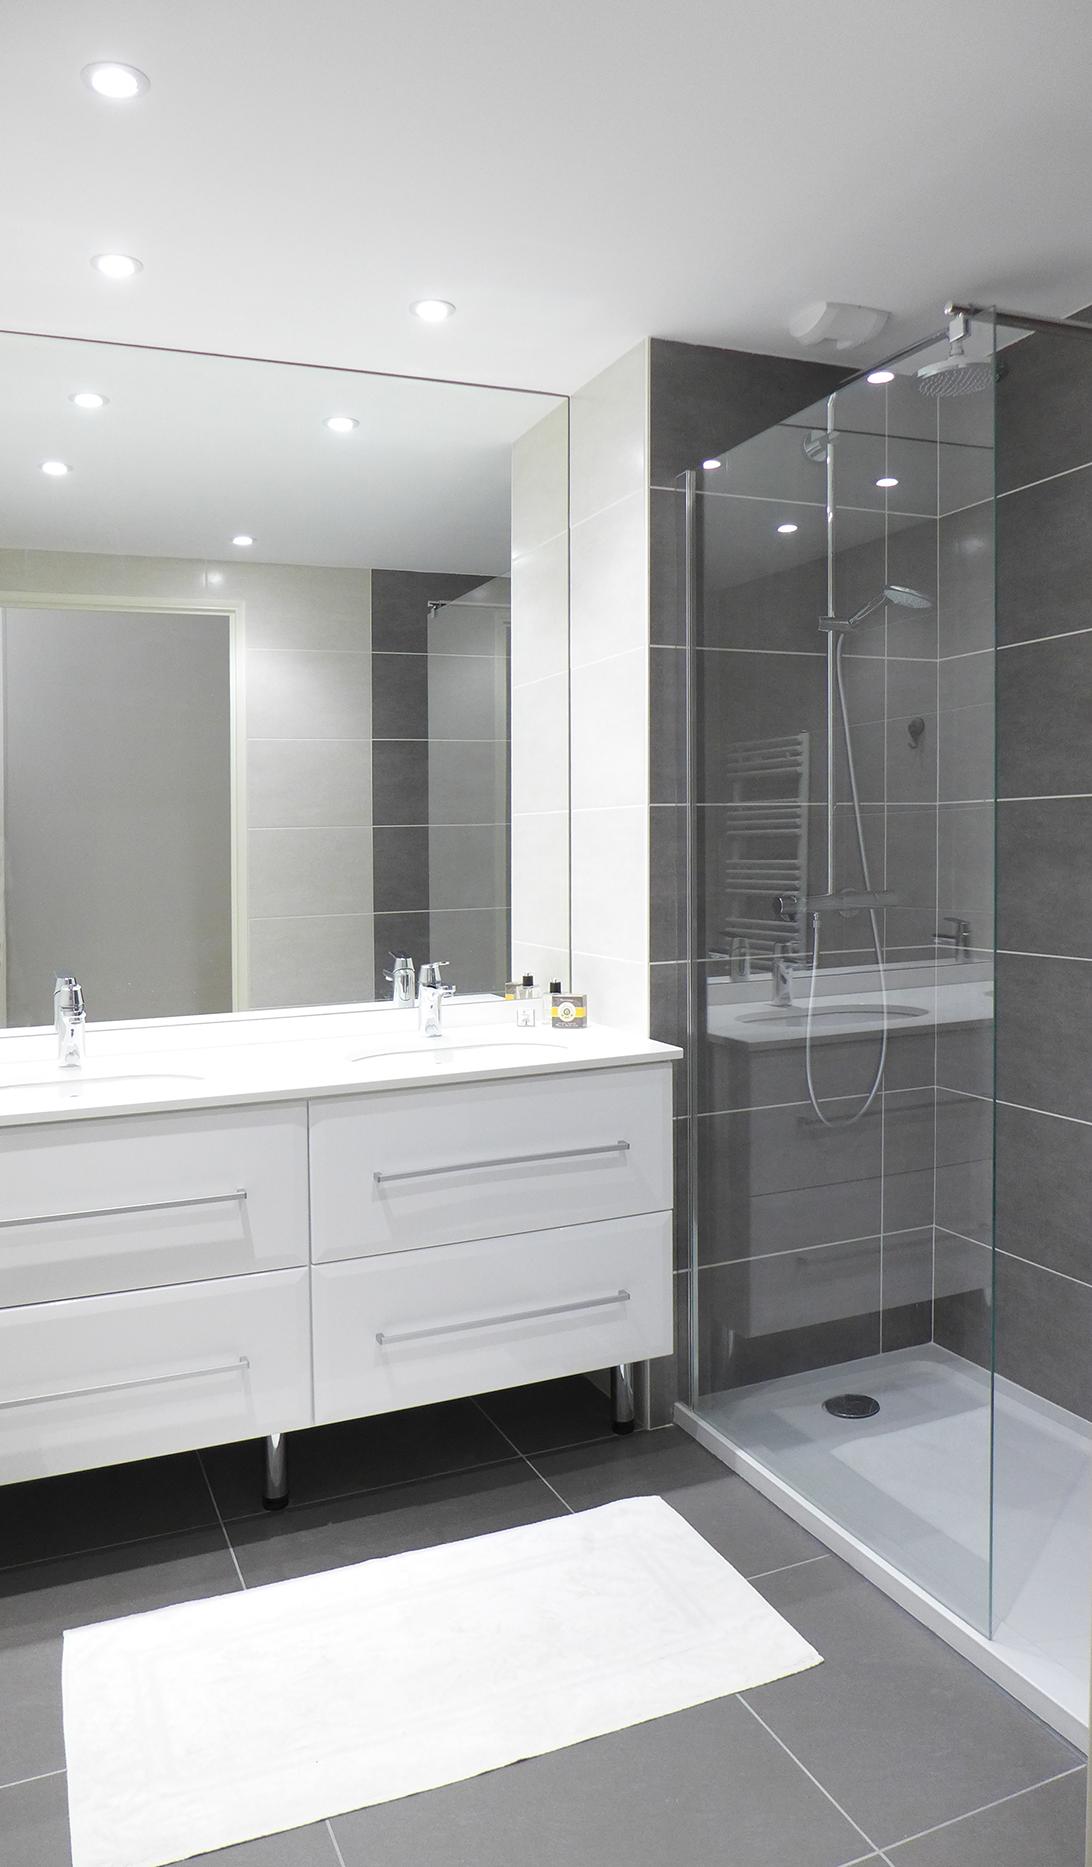 Agence sk a tiphaine thomas salle de bain de style atempore - Salle de bain blanc et gris ...